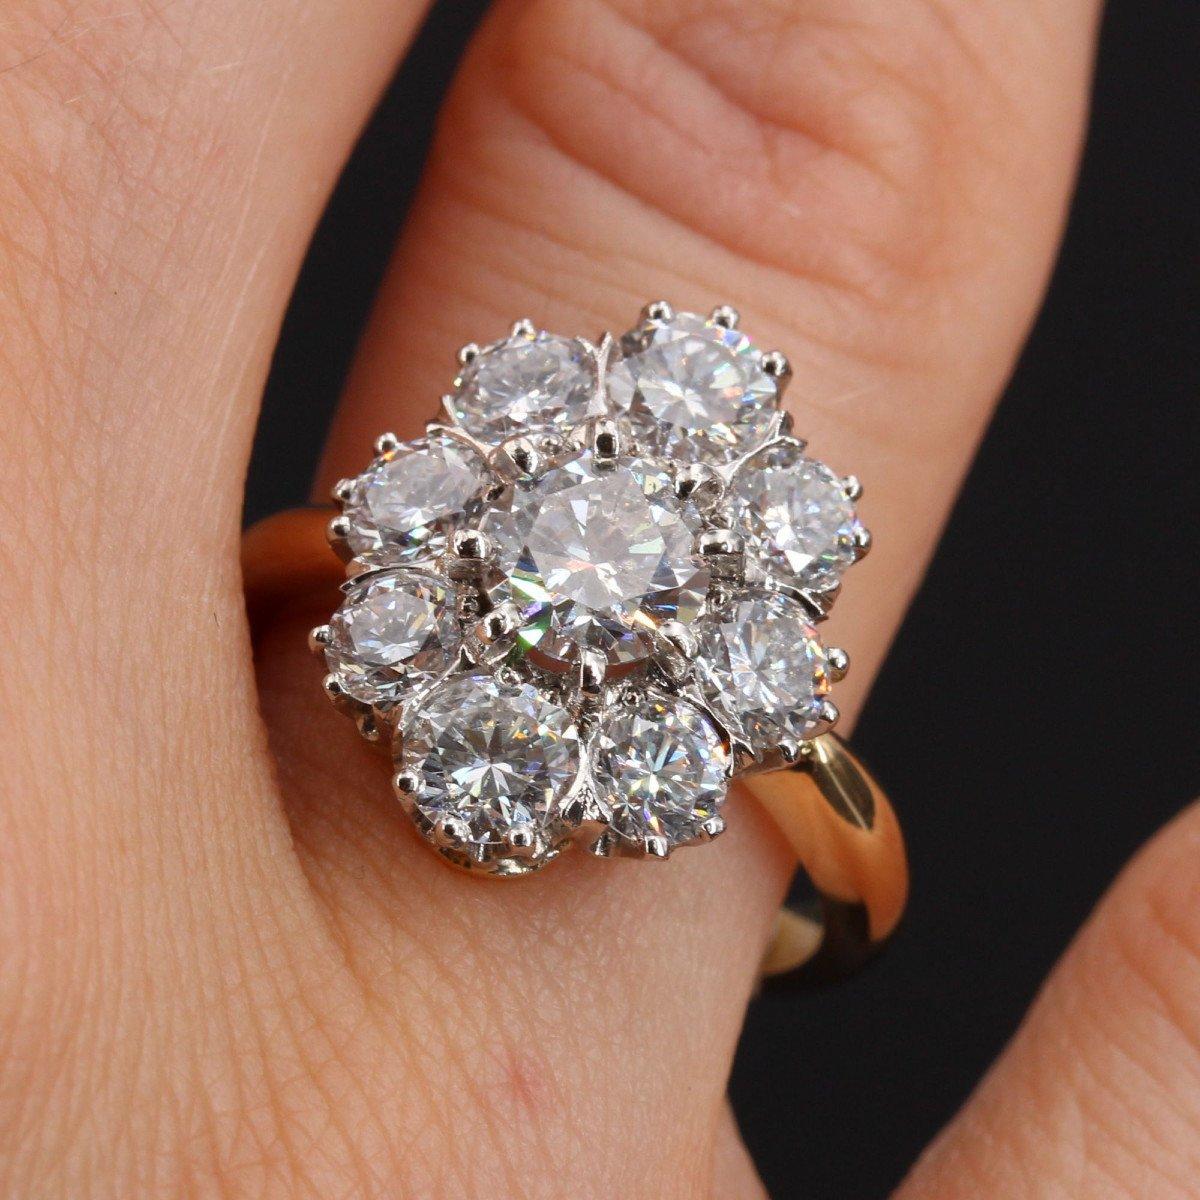 Bague Diamants Pompadour-photo-1